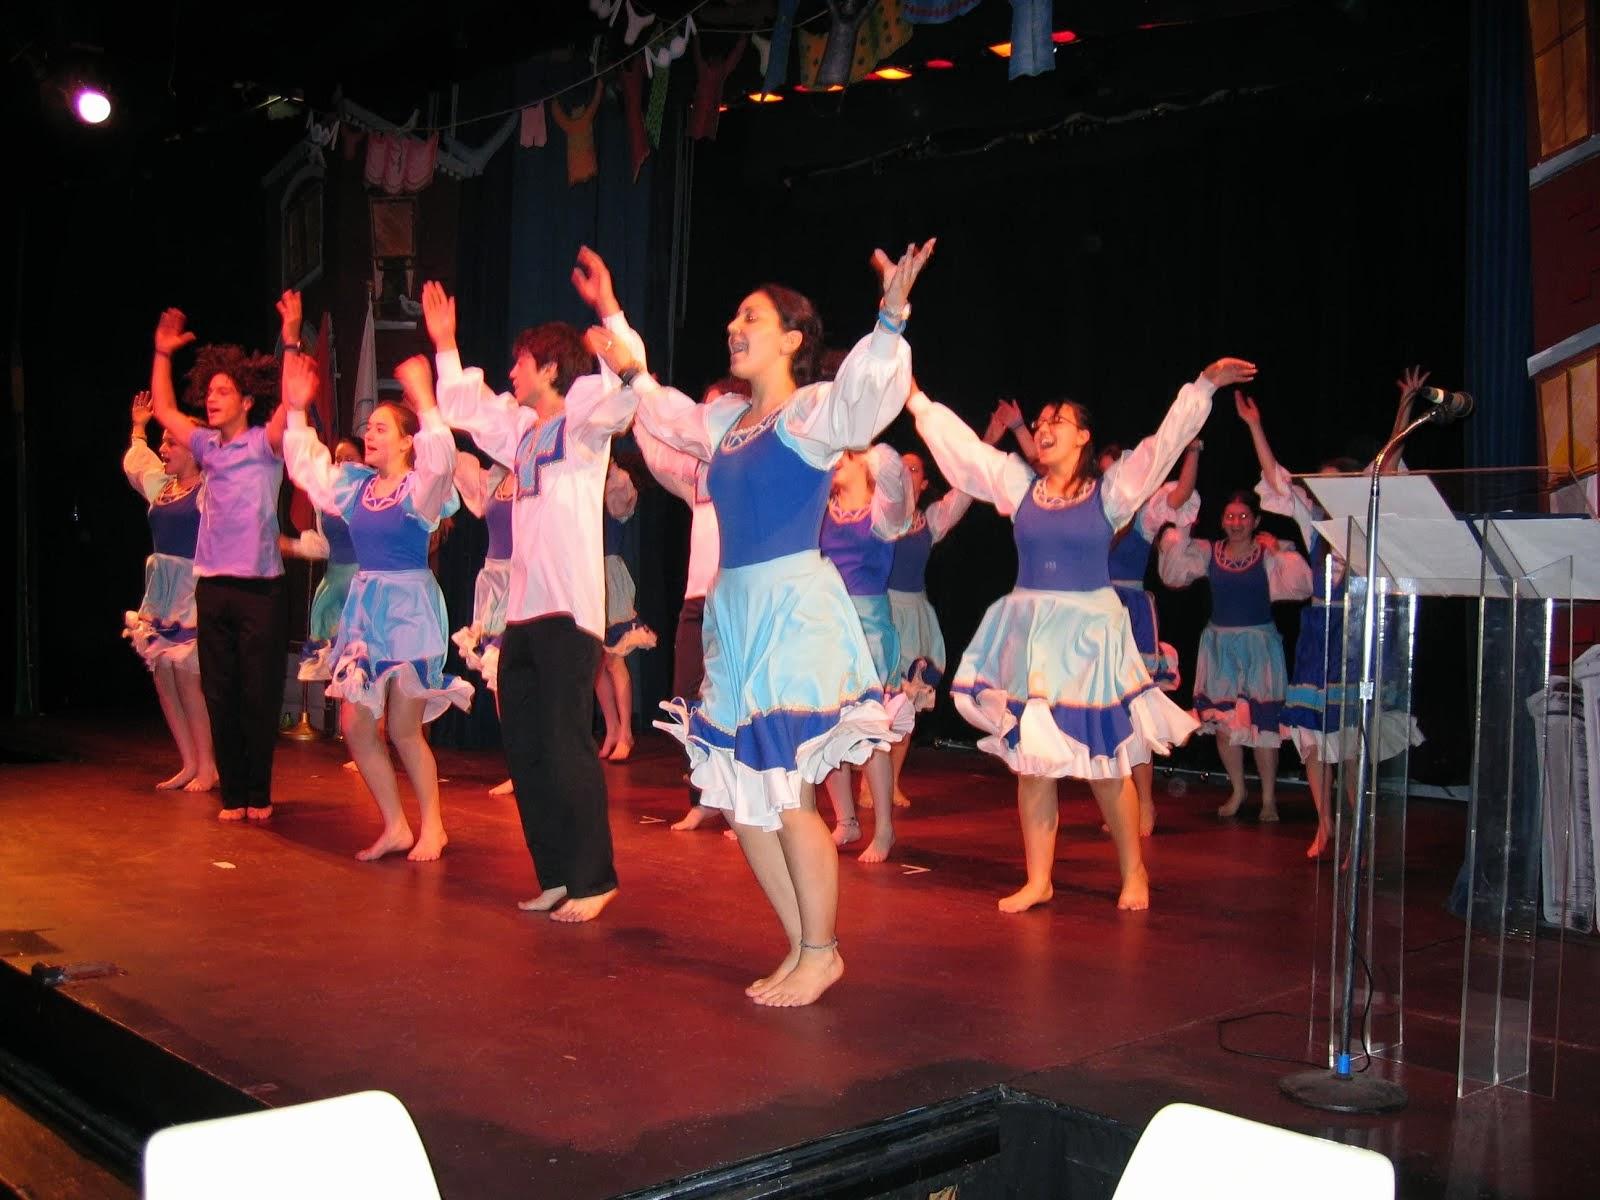 Tel Mond Dancers in Sarasota